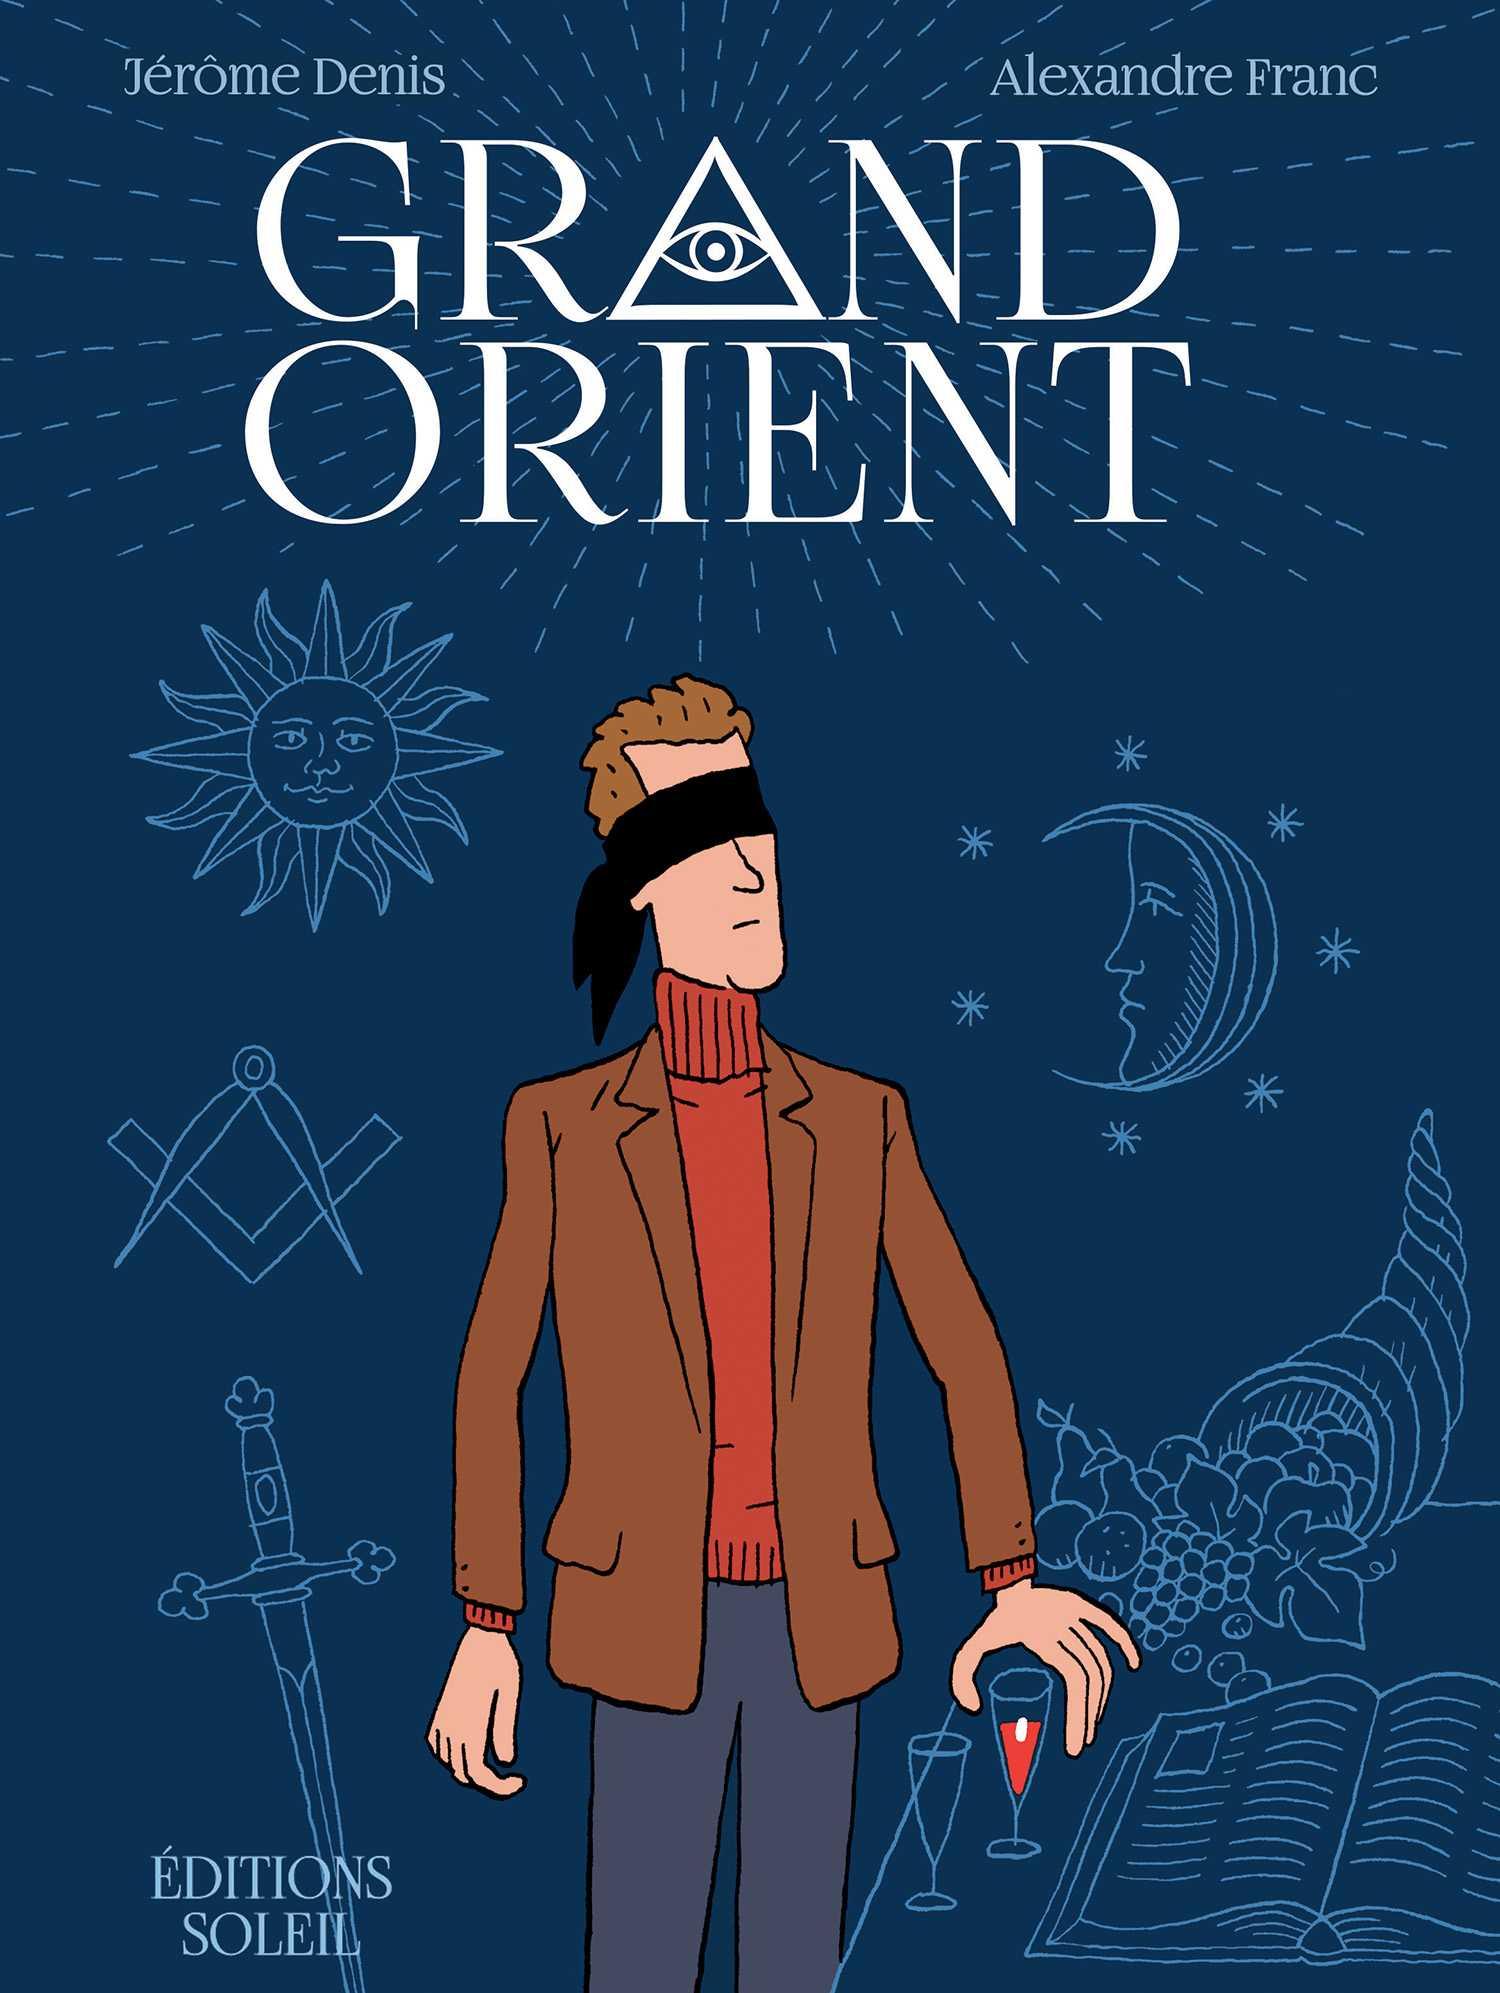 Grand Orient, petite initiation maçonnique